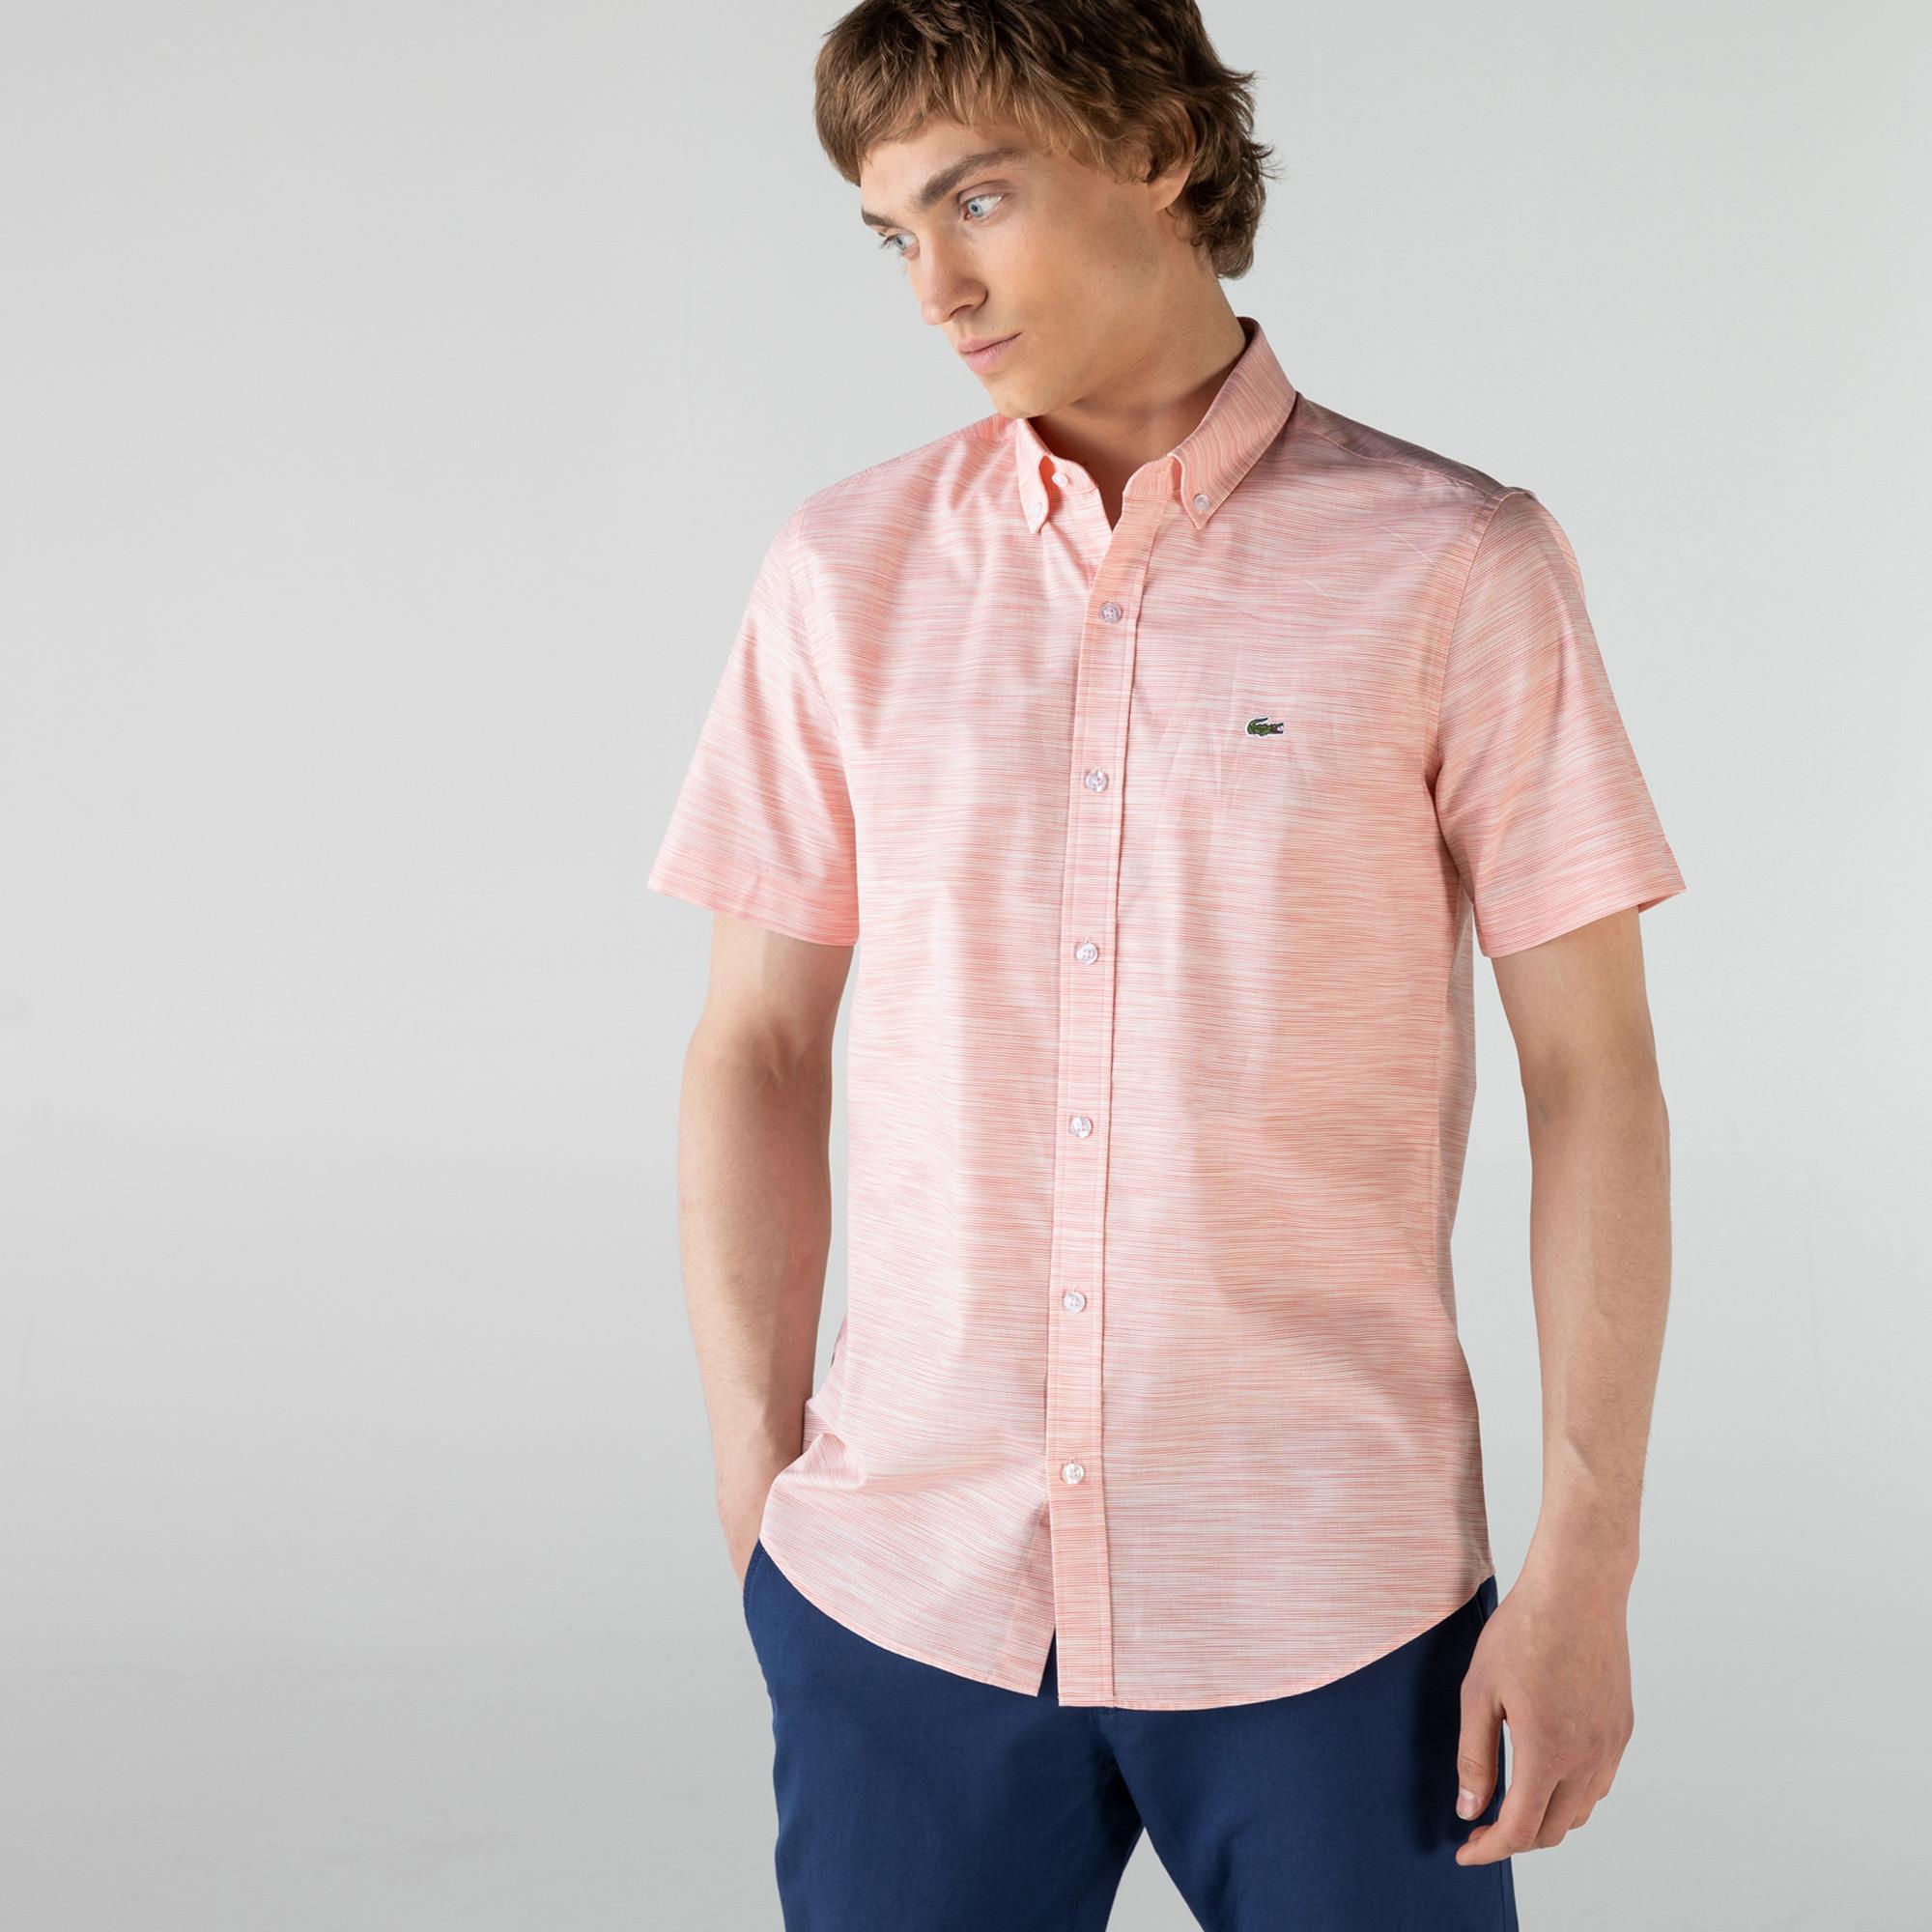 Lacoste Erkek Slim Fit Kısa Kollu Desenli Açık Pembe Gömlek